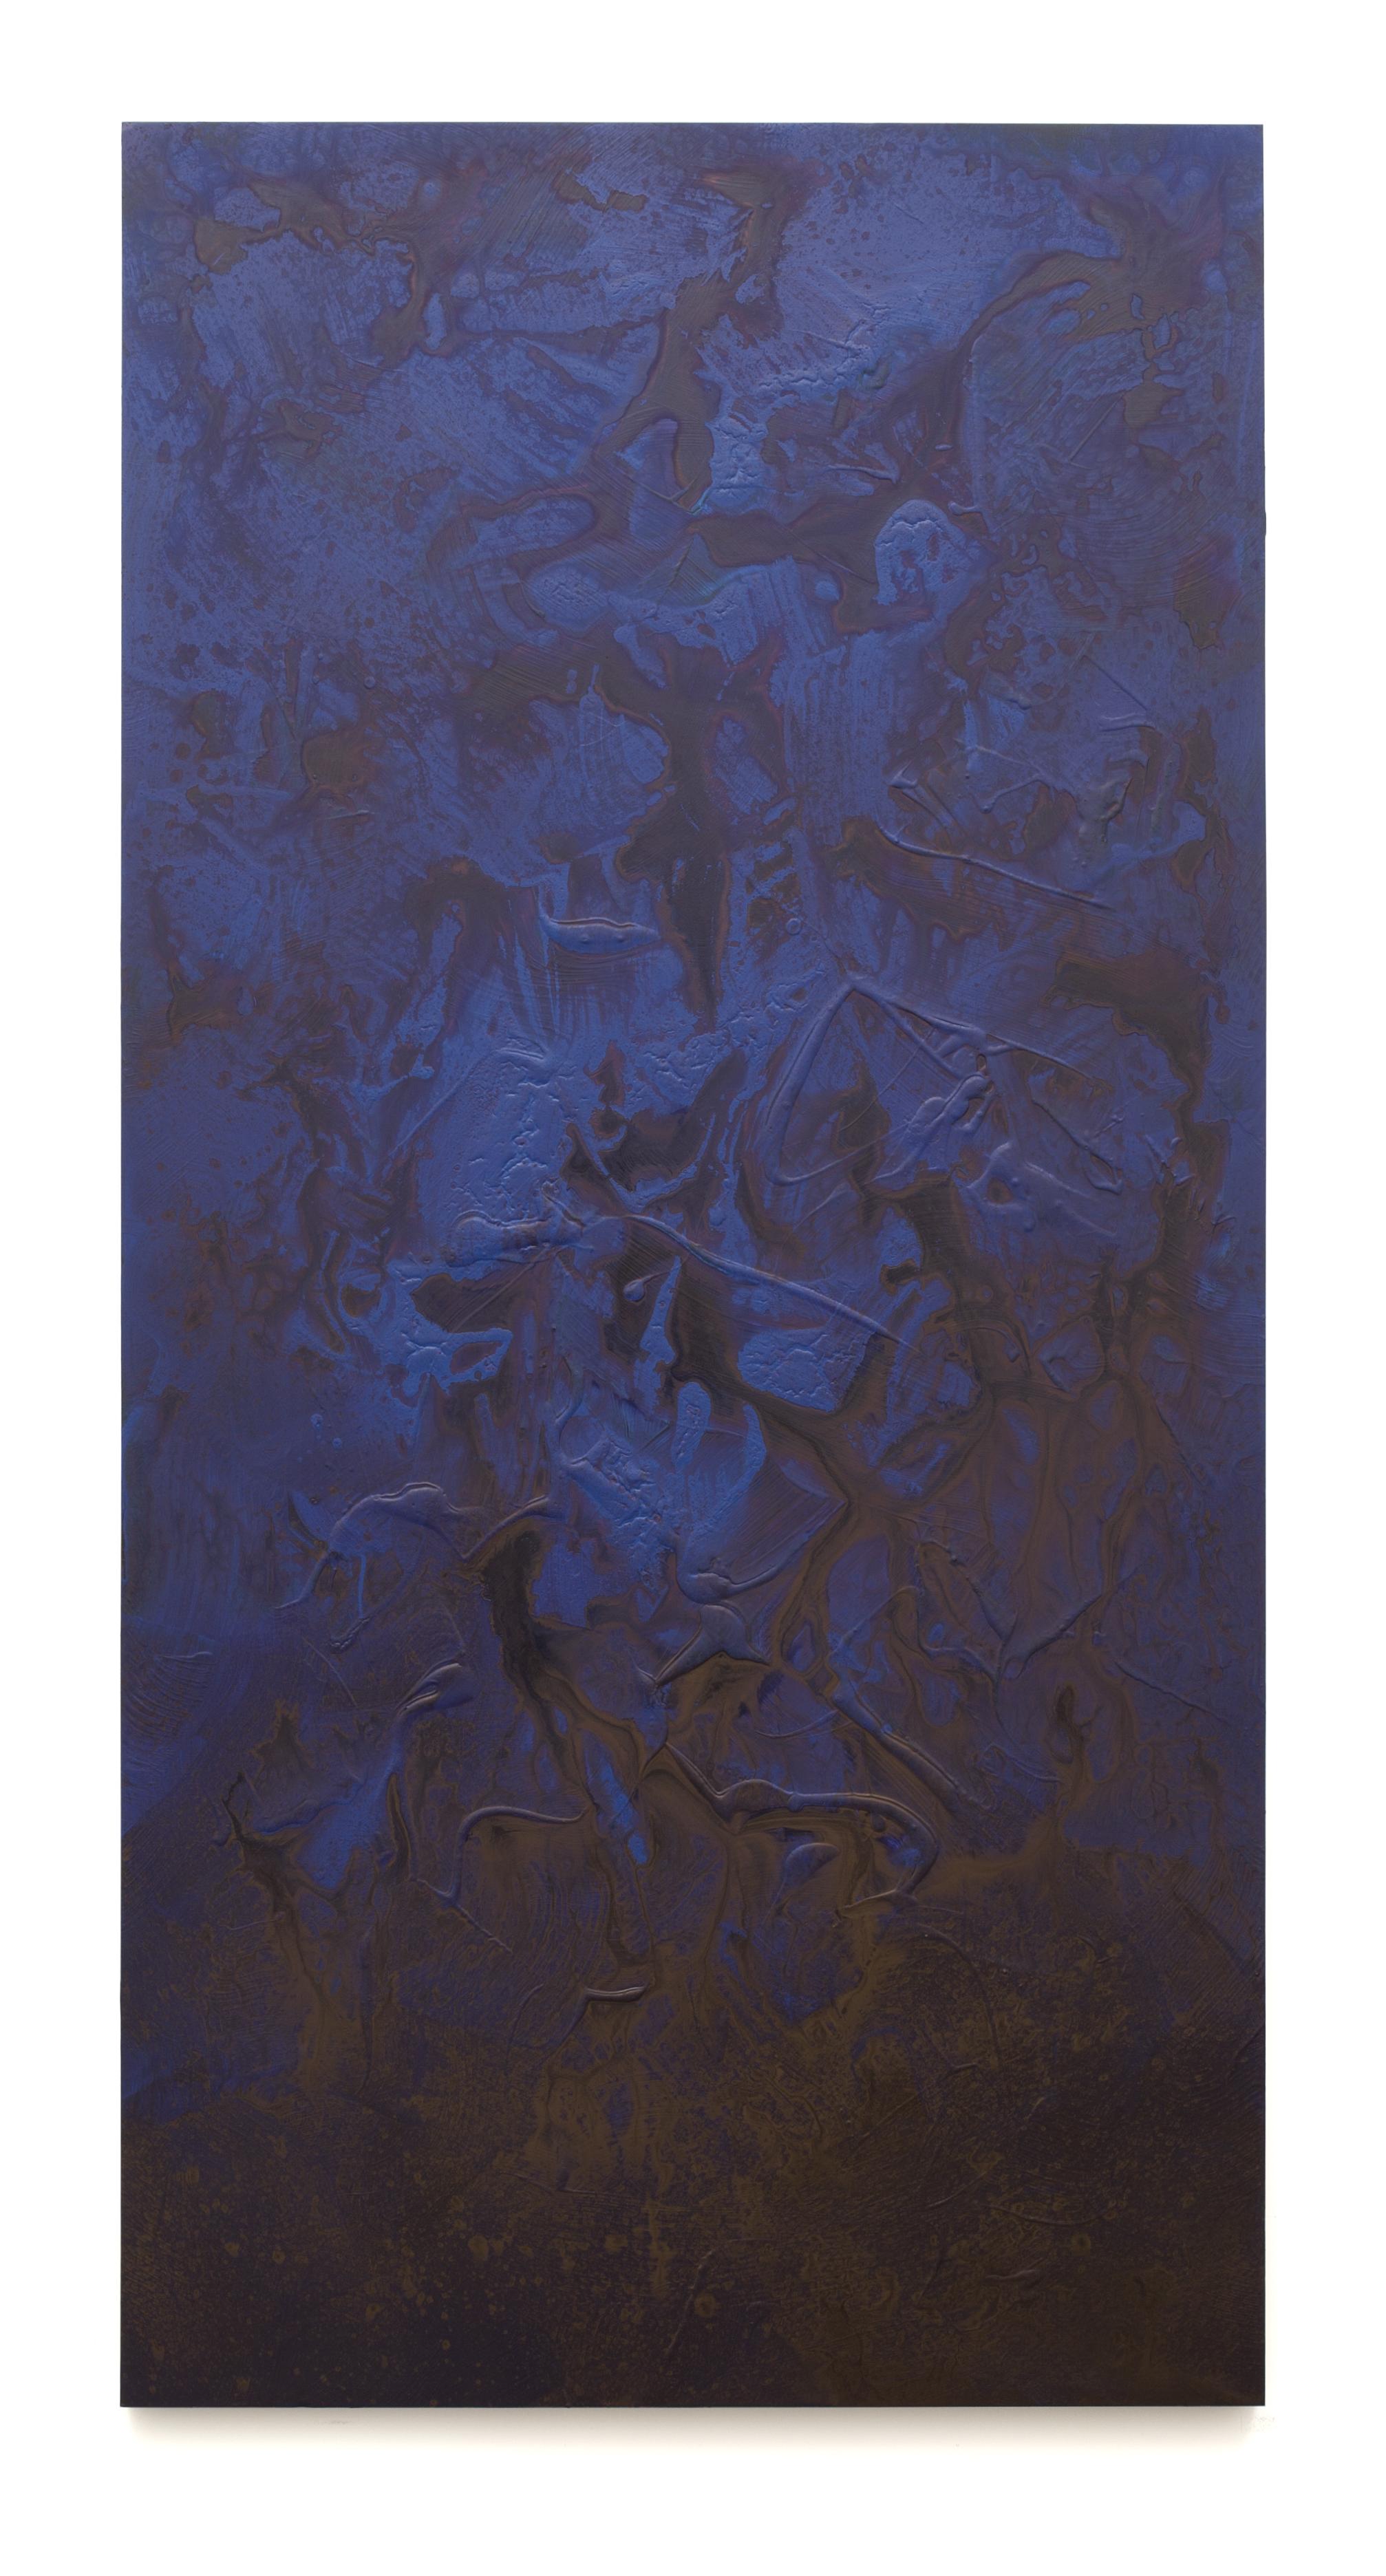 """Untitled (Can't Swim 01), 2017, Acrylic on archival foam board, 96"""" x 48"""""""